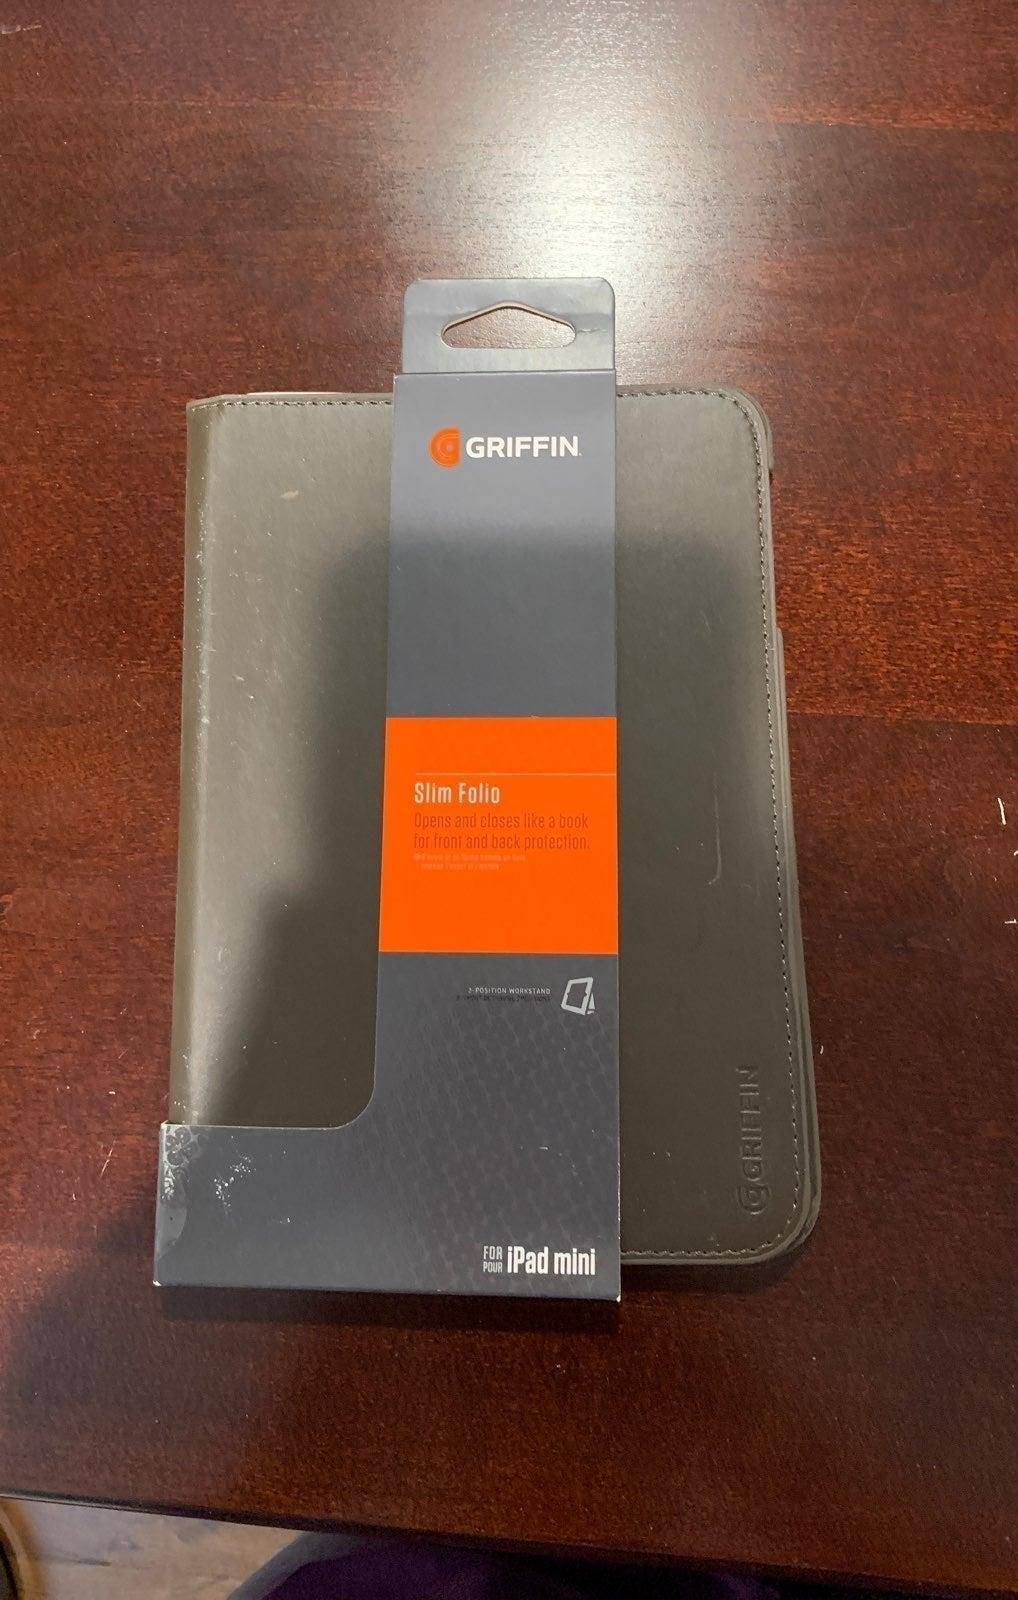 Griffin slim folio black ipad mini case